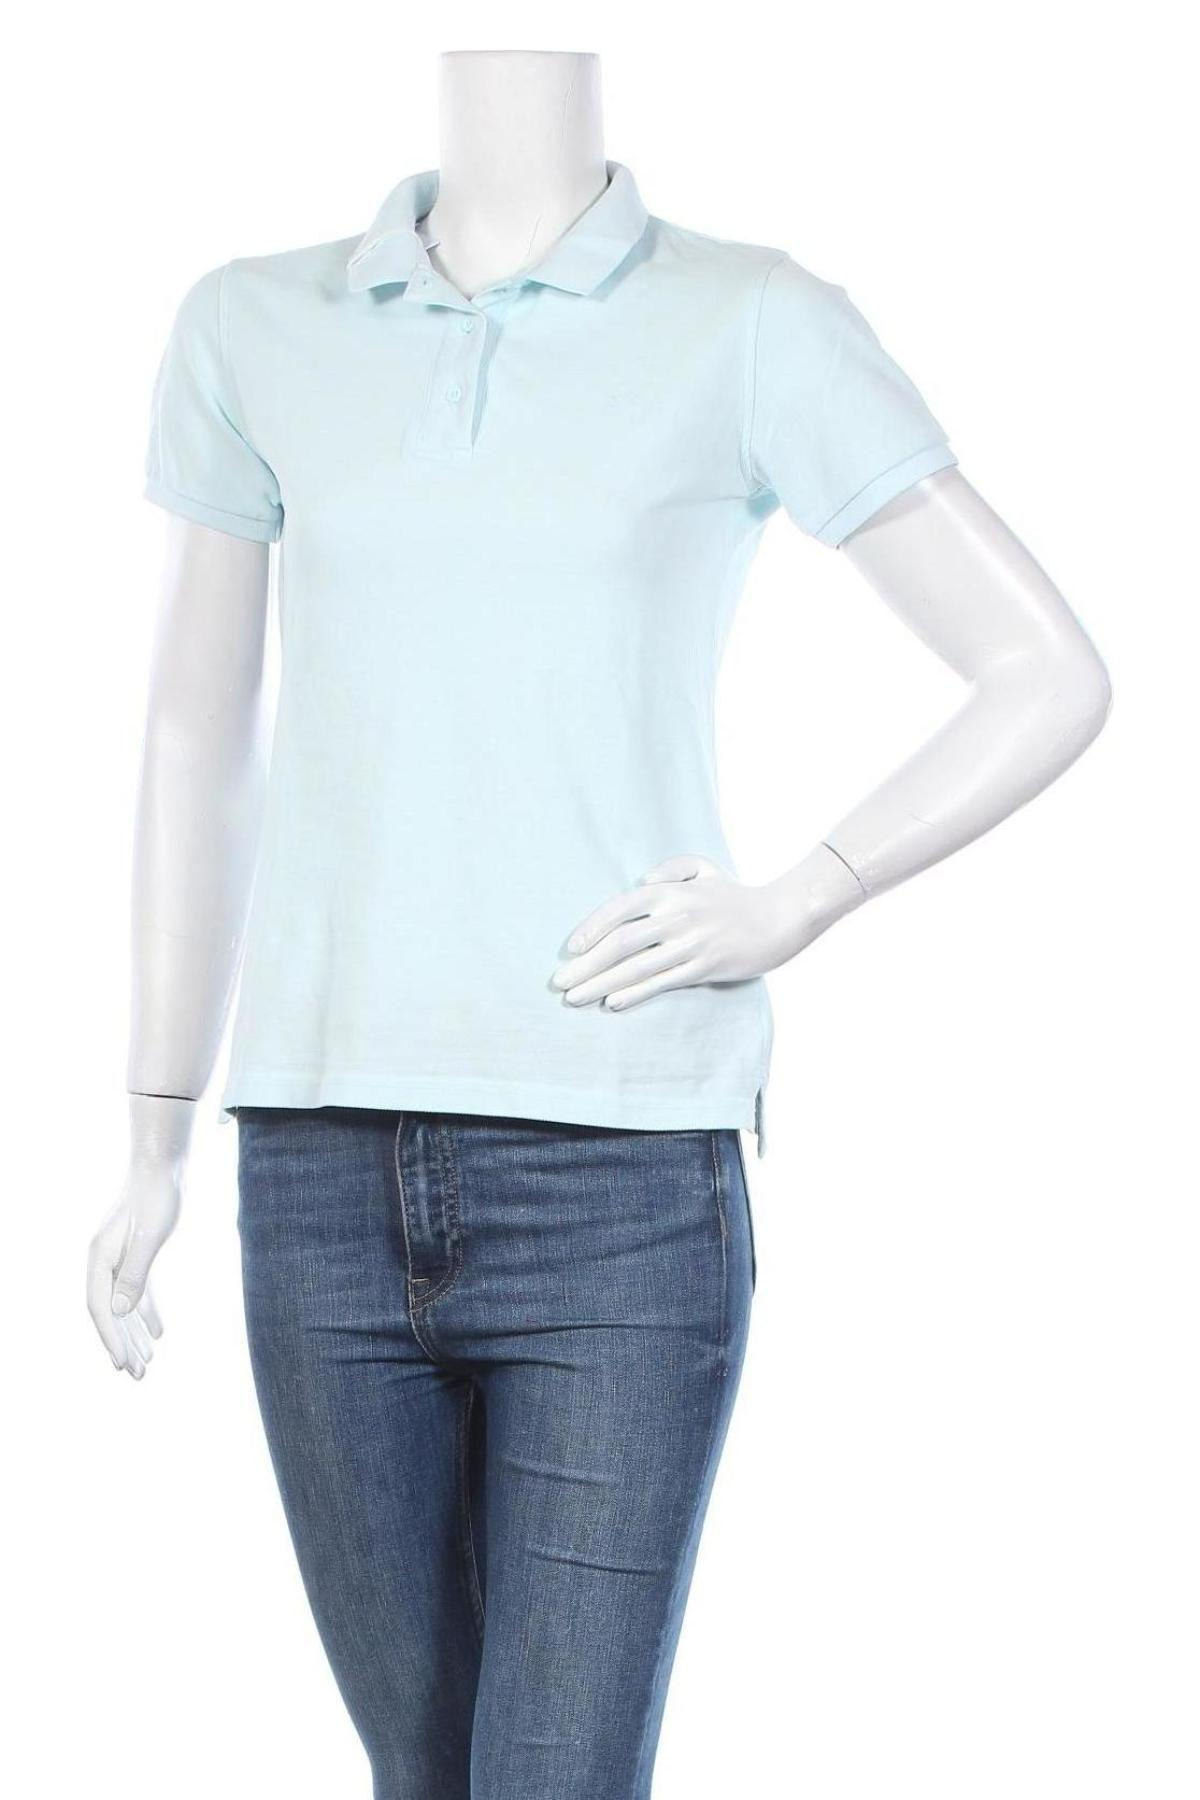 Дамска тениска SUN68, Размер L, Цвят Син, Памук, Цена 66,75лв.